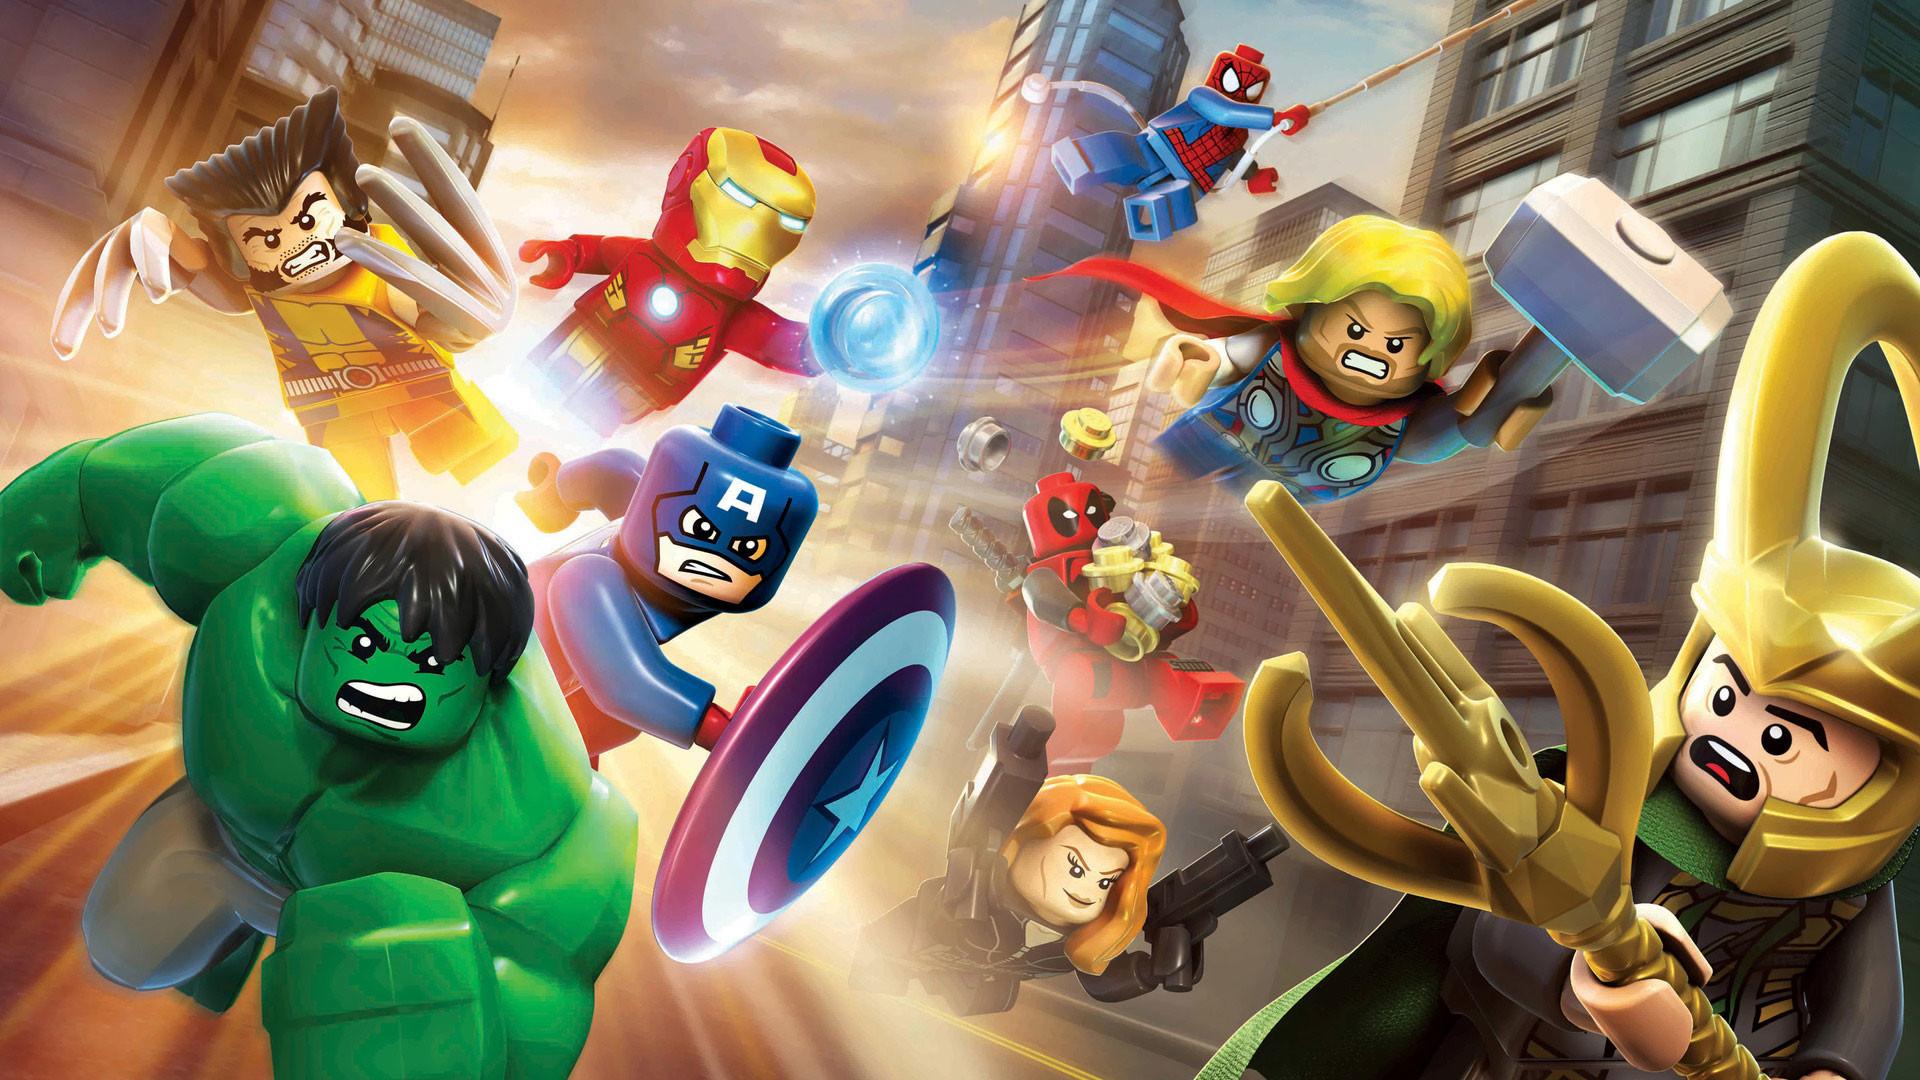 Lego Marvel's Avengers 4K Wallpaper | Lego Marvel's Avengers 1080p …